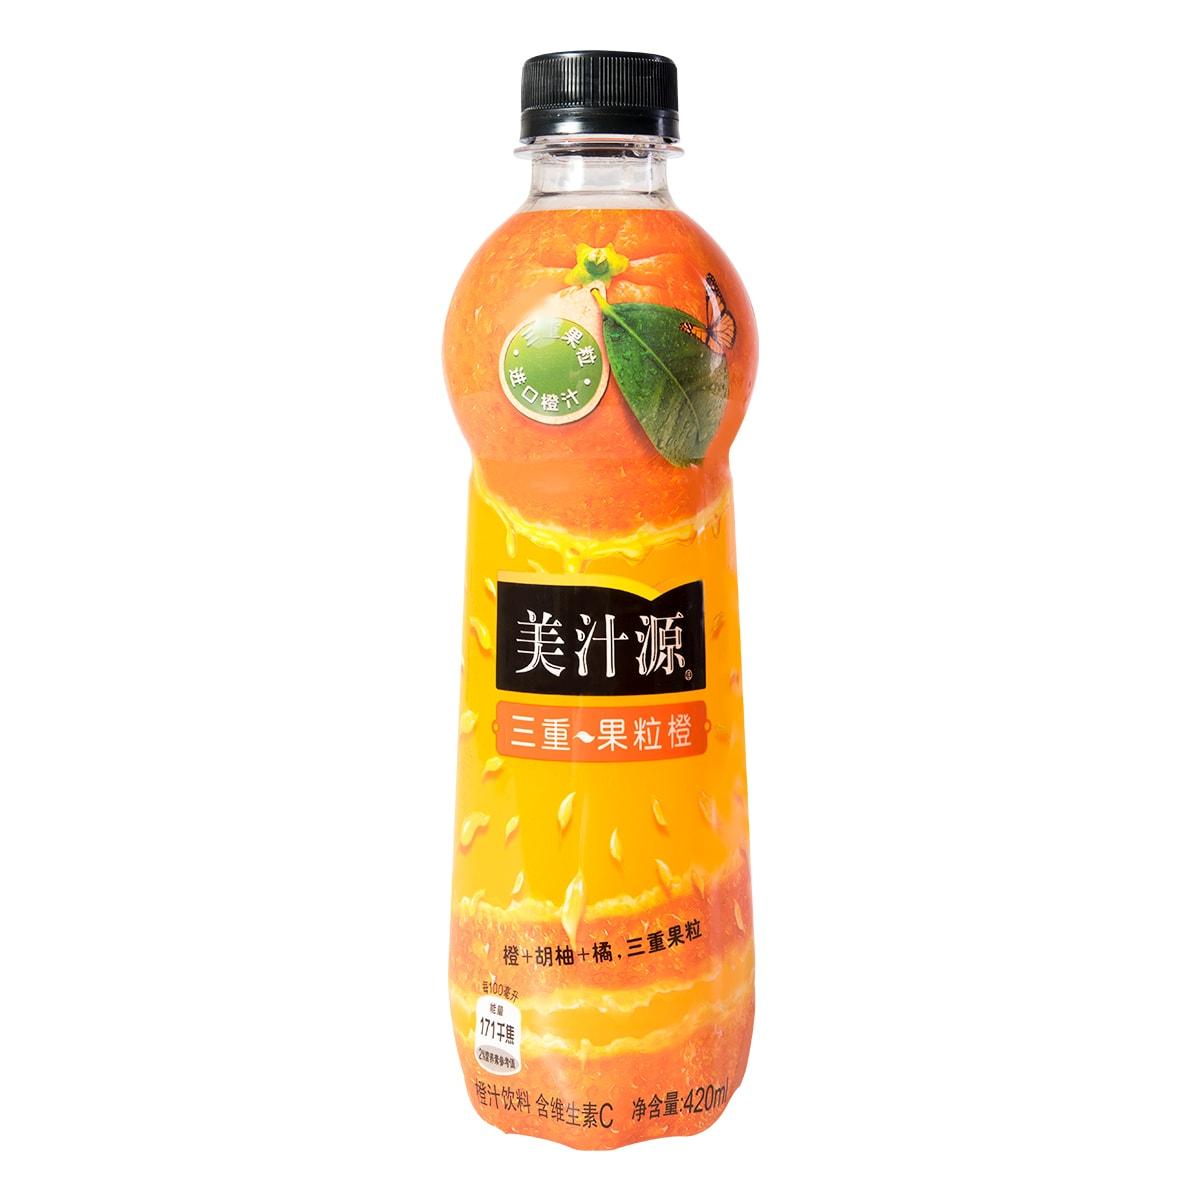 美汁源 三重果粒橙饮料 420ml